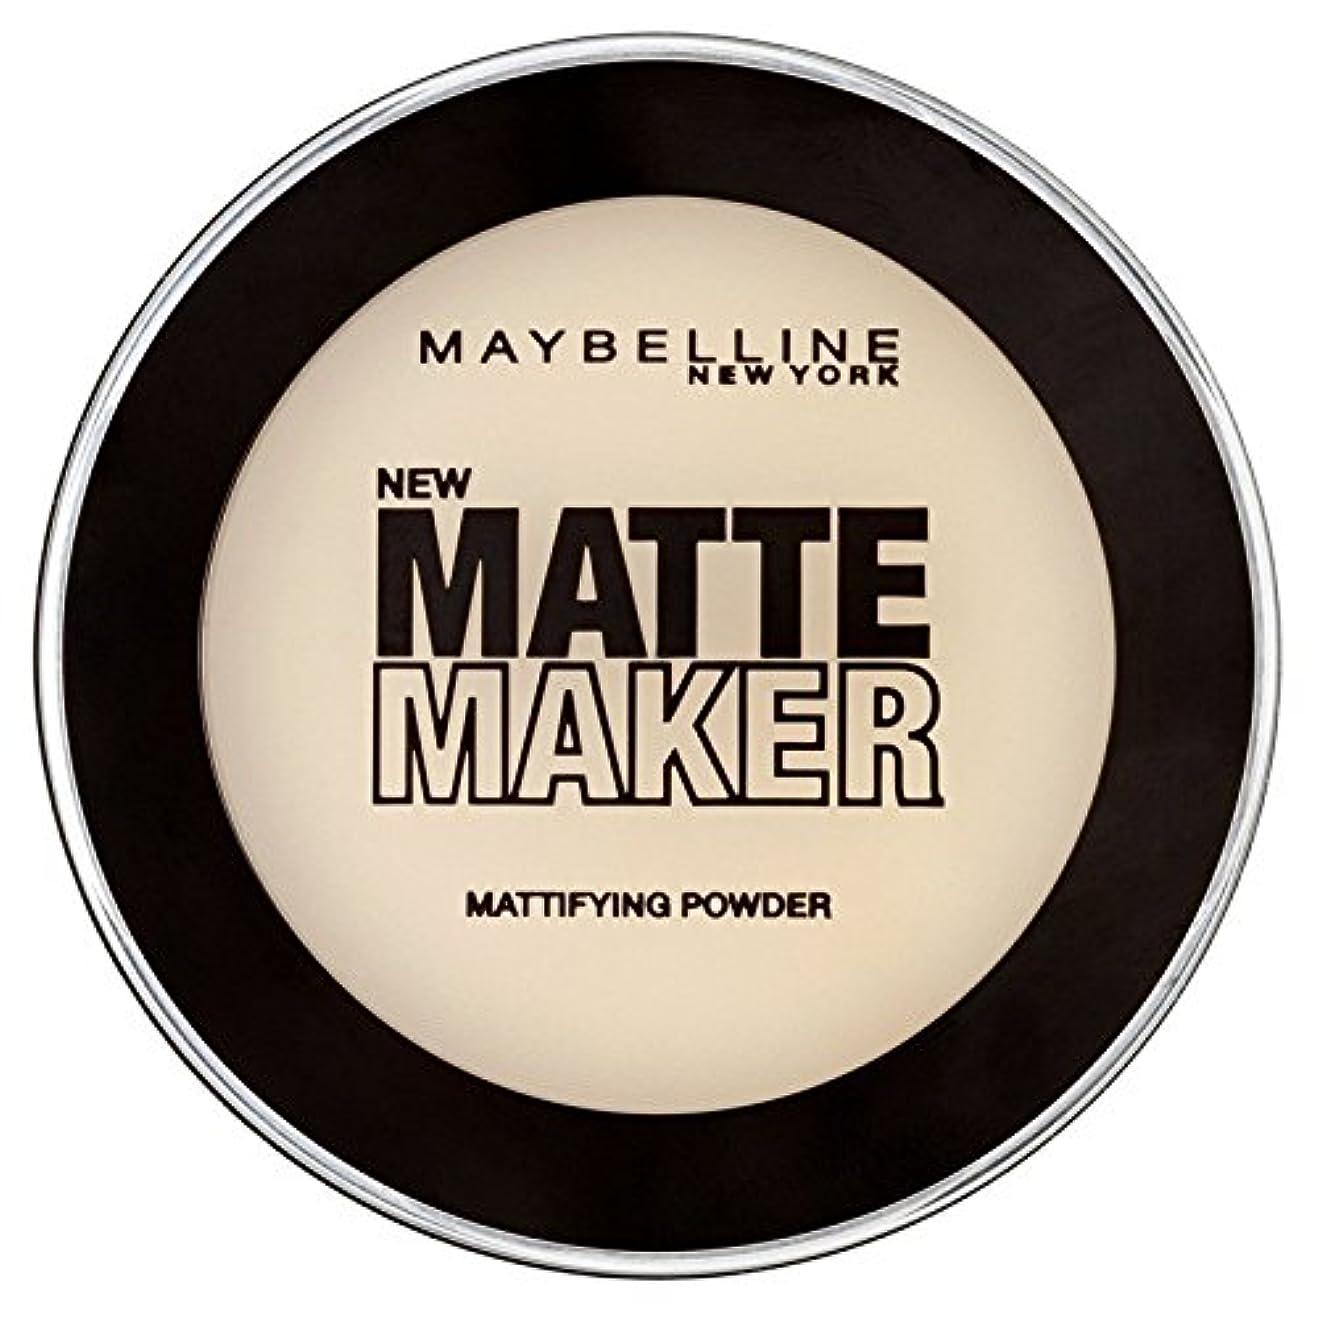 逃すメール手順メイベリンパウダーマットメーカー、アイボリー10 16グラム x4 - Maybelline Powder Matte Maker, Ivory 10 16g (Pack of 4) [並行輸入品]